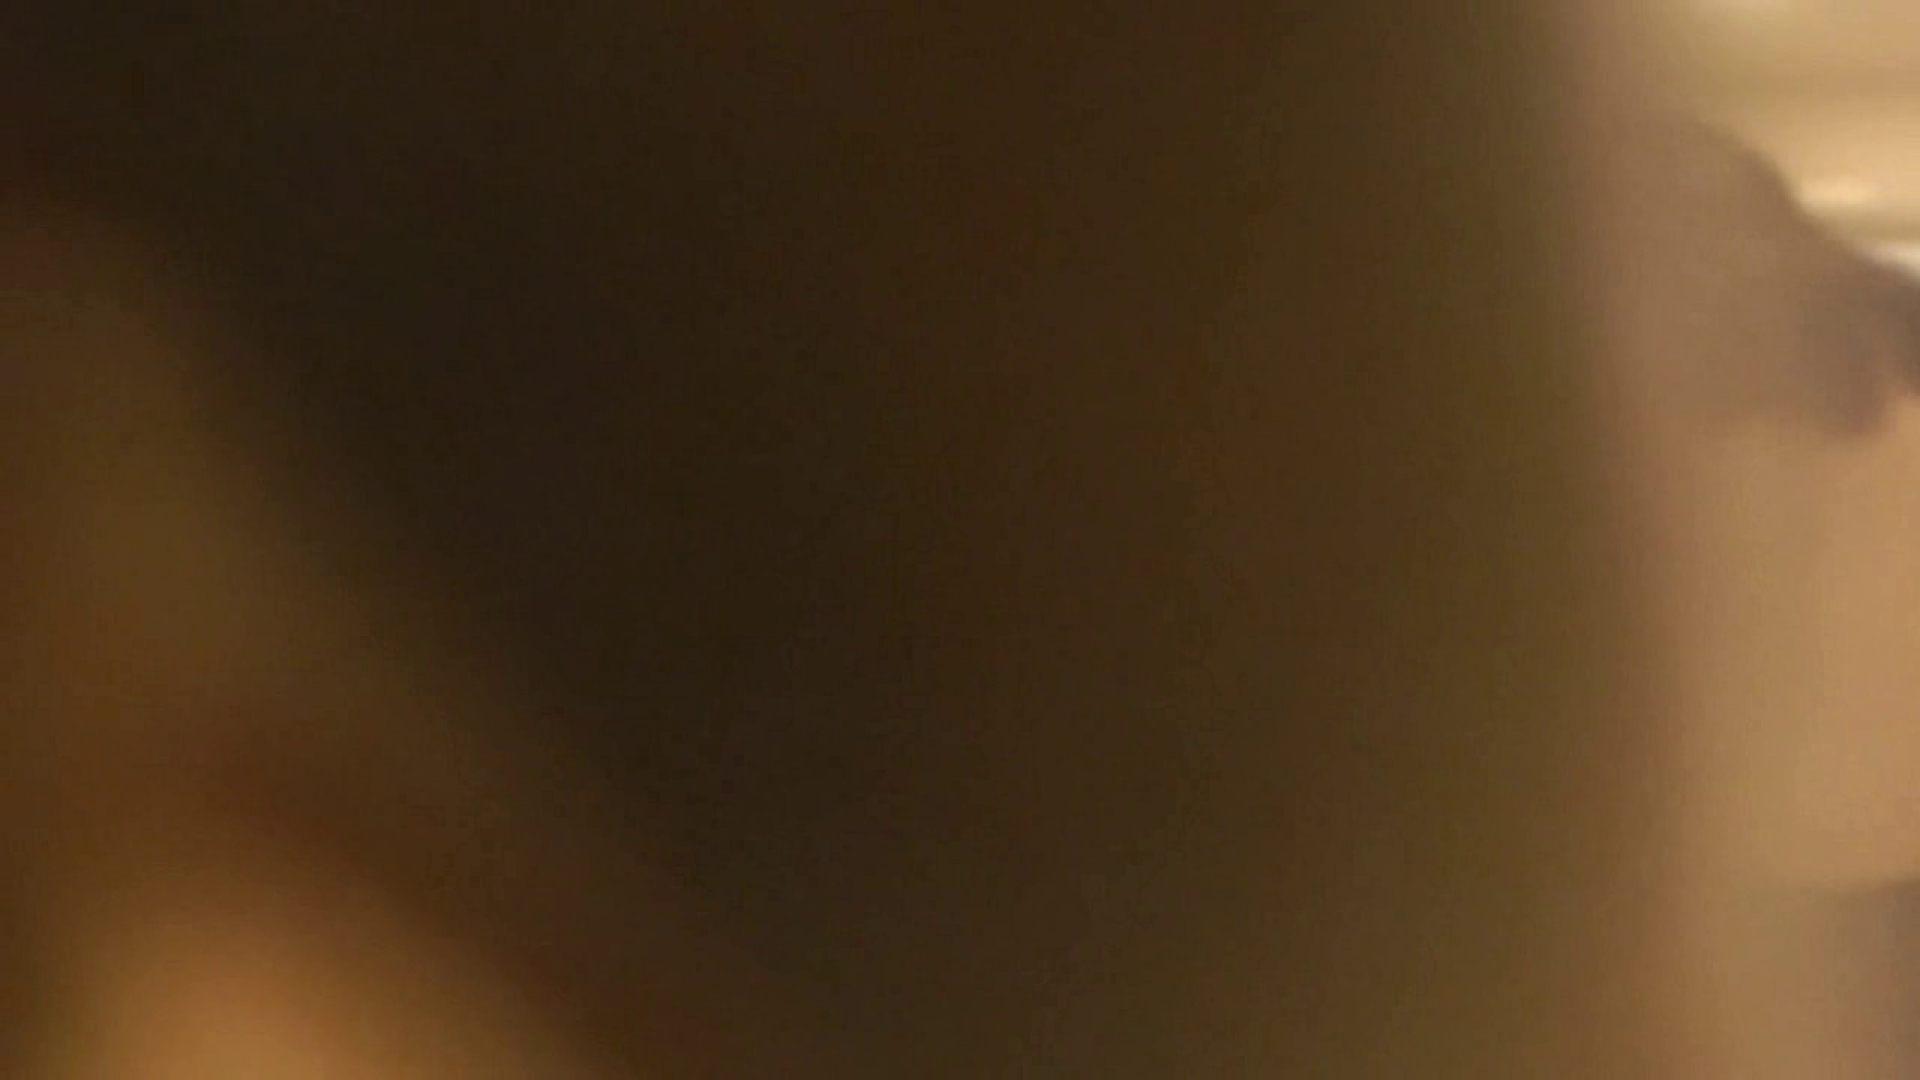 vol.1 Mayumi 窓越しに入浴シーン撮影に成功 入浴 おまんこ動画流出 60連発 2